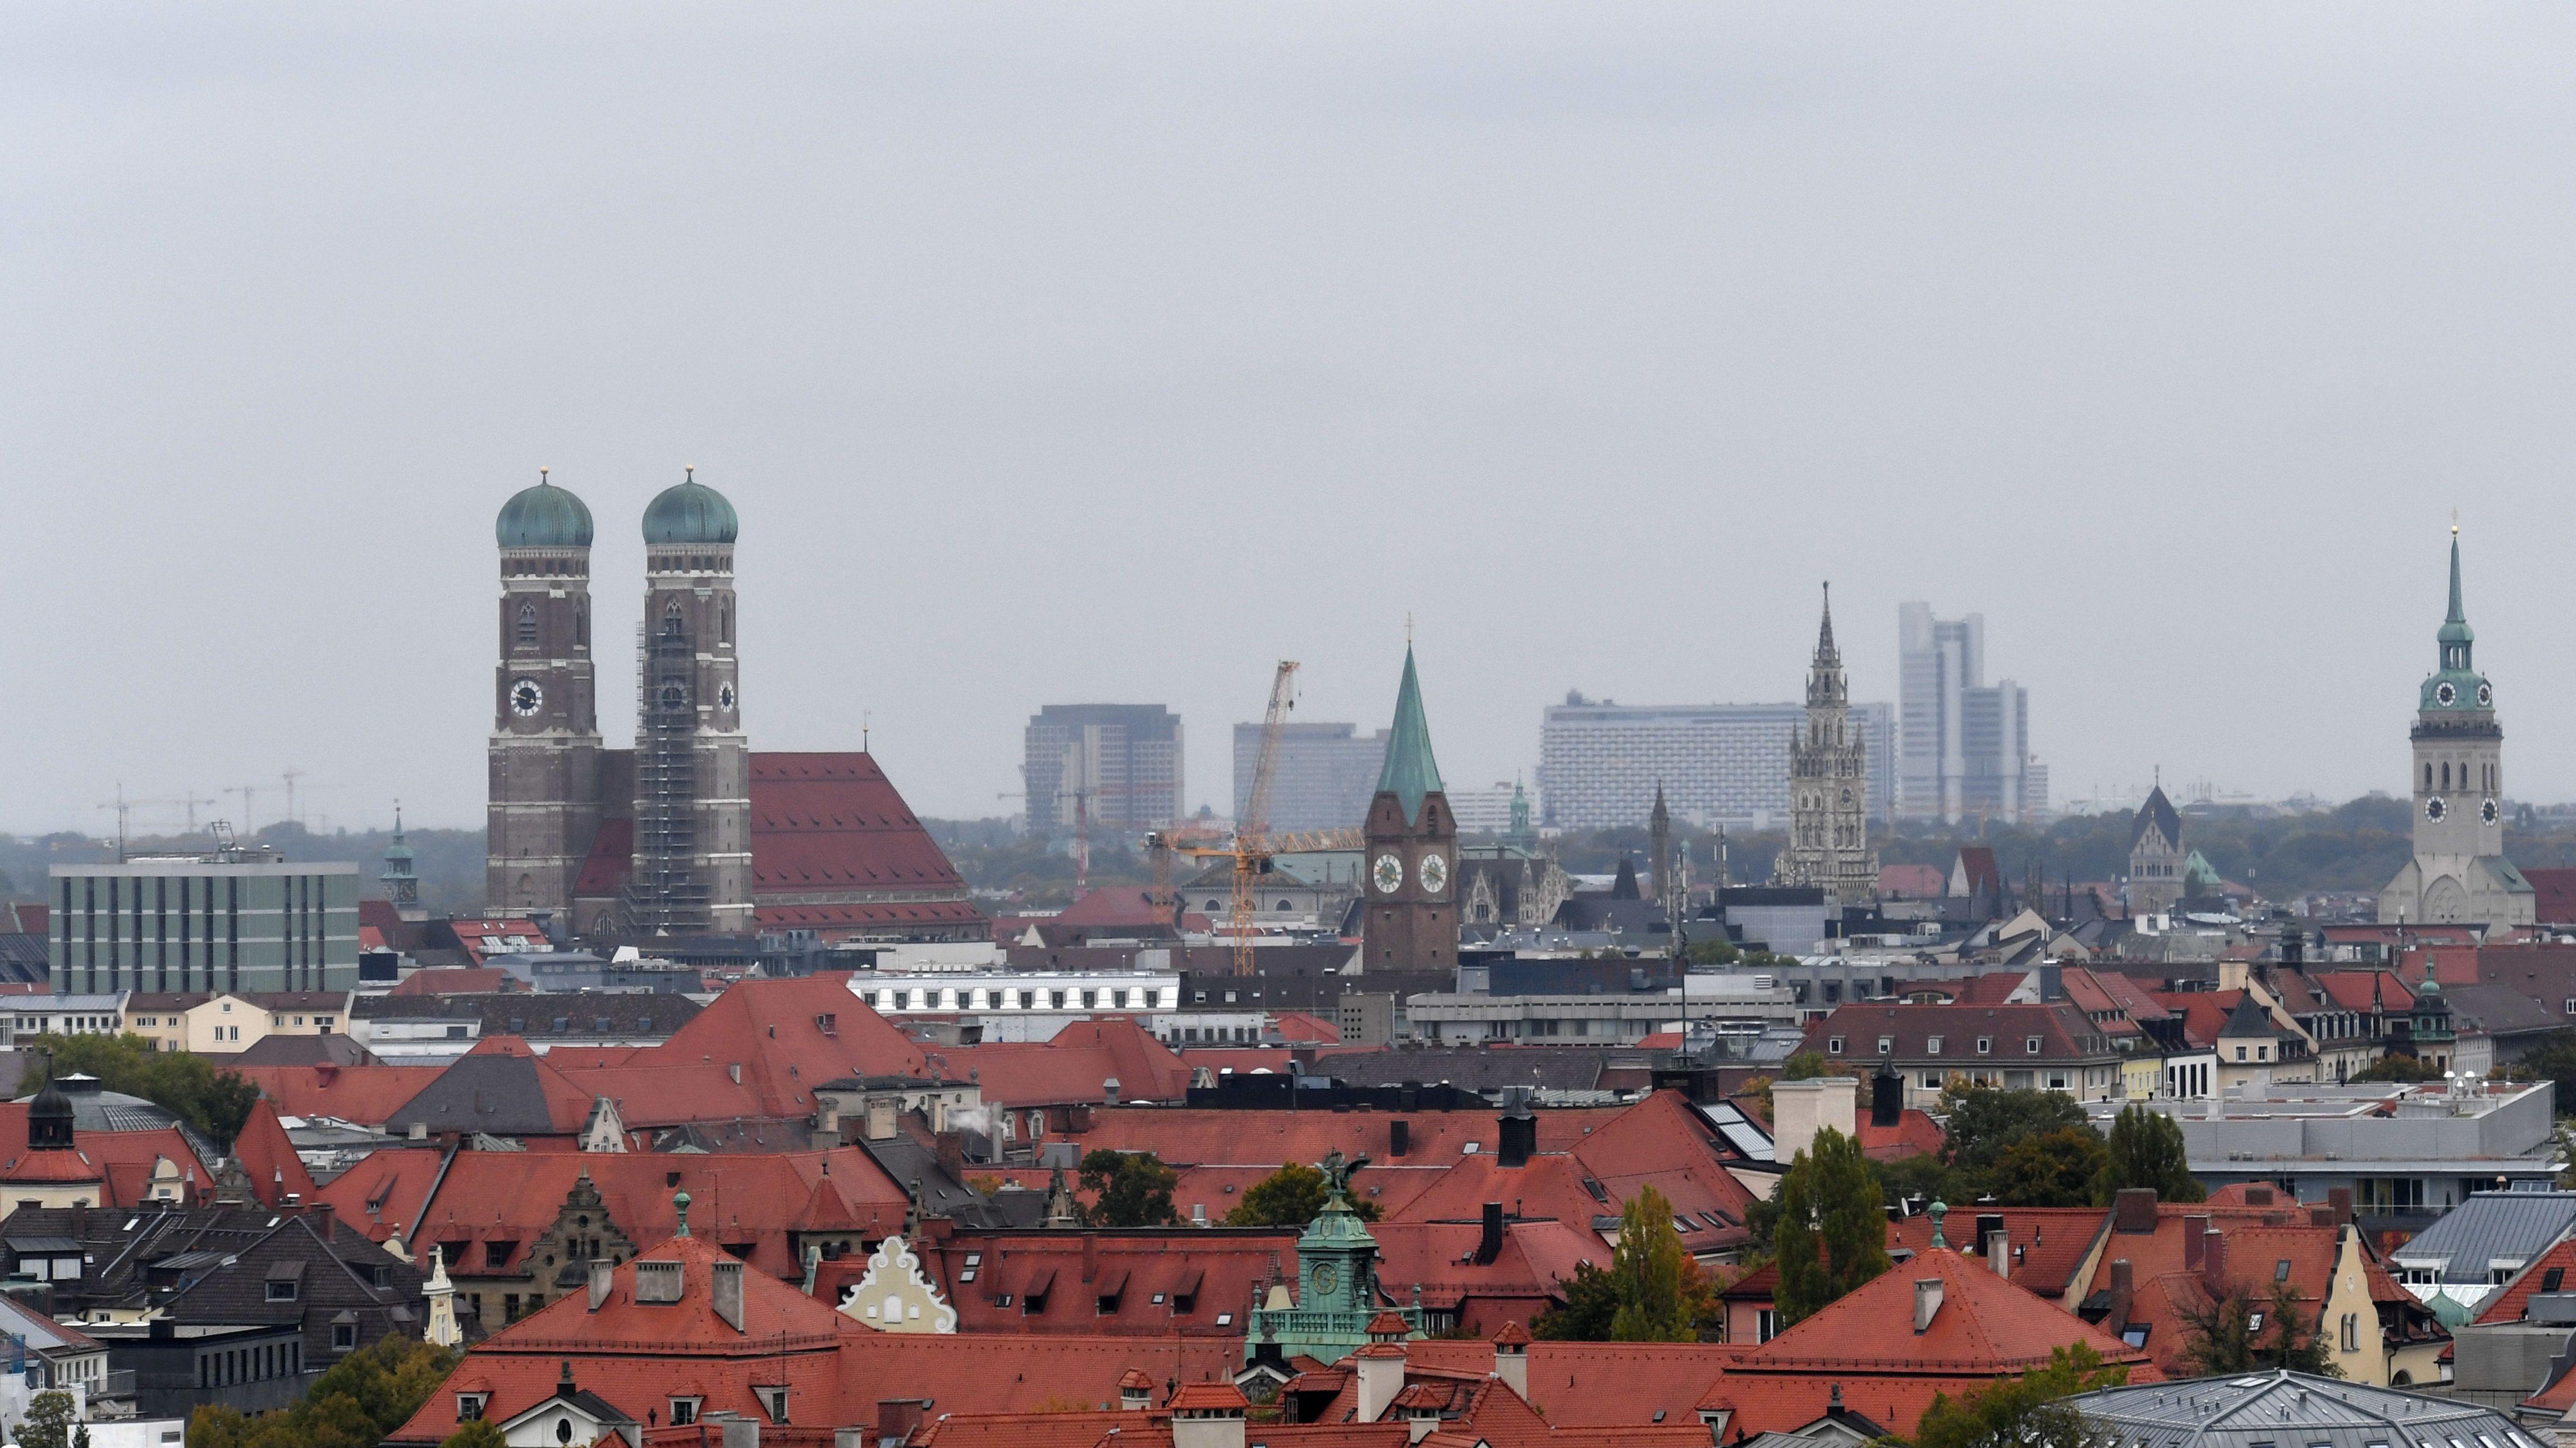 Blick auf die Stadt München mit der Frauenkirche und den Hochhäusern im Münchner Osten im Hintergrund.